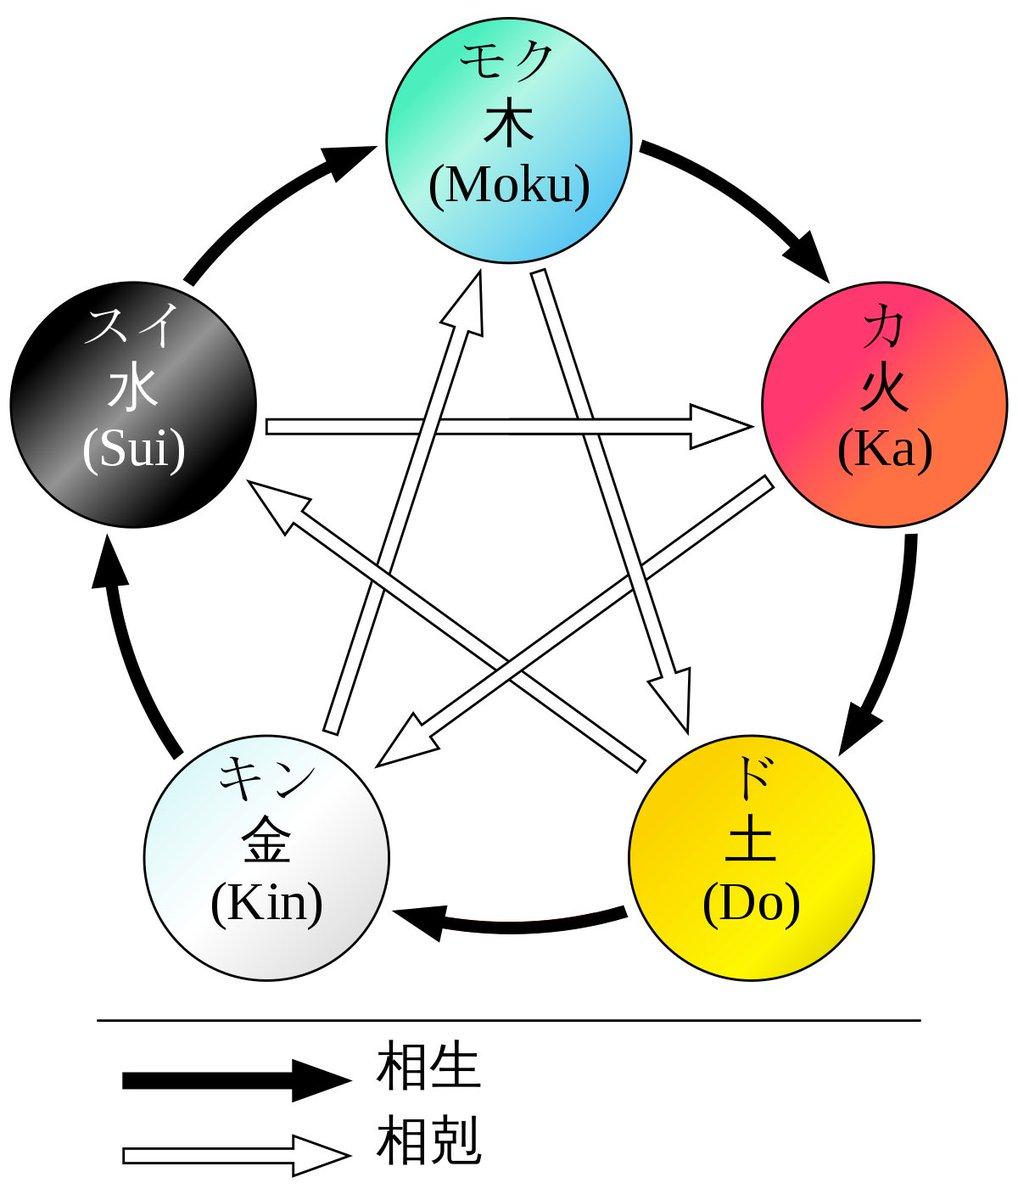 【パワモバ、終焉のキューブ】五行の術攻略1分ごとに下図の相剋関係に基づいた2つの属性球が出現する。両方とも中央にいるボスに向かっていくが、そのままスルーすればボスにその属性が、途中で破壊すればパーティーメンバー皆に破壊した属性が30秒付与される。(画像はウィキより)